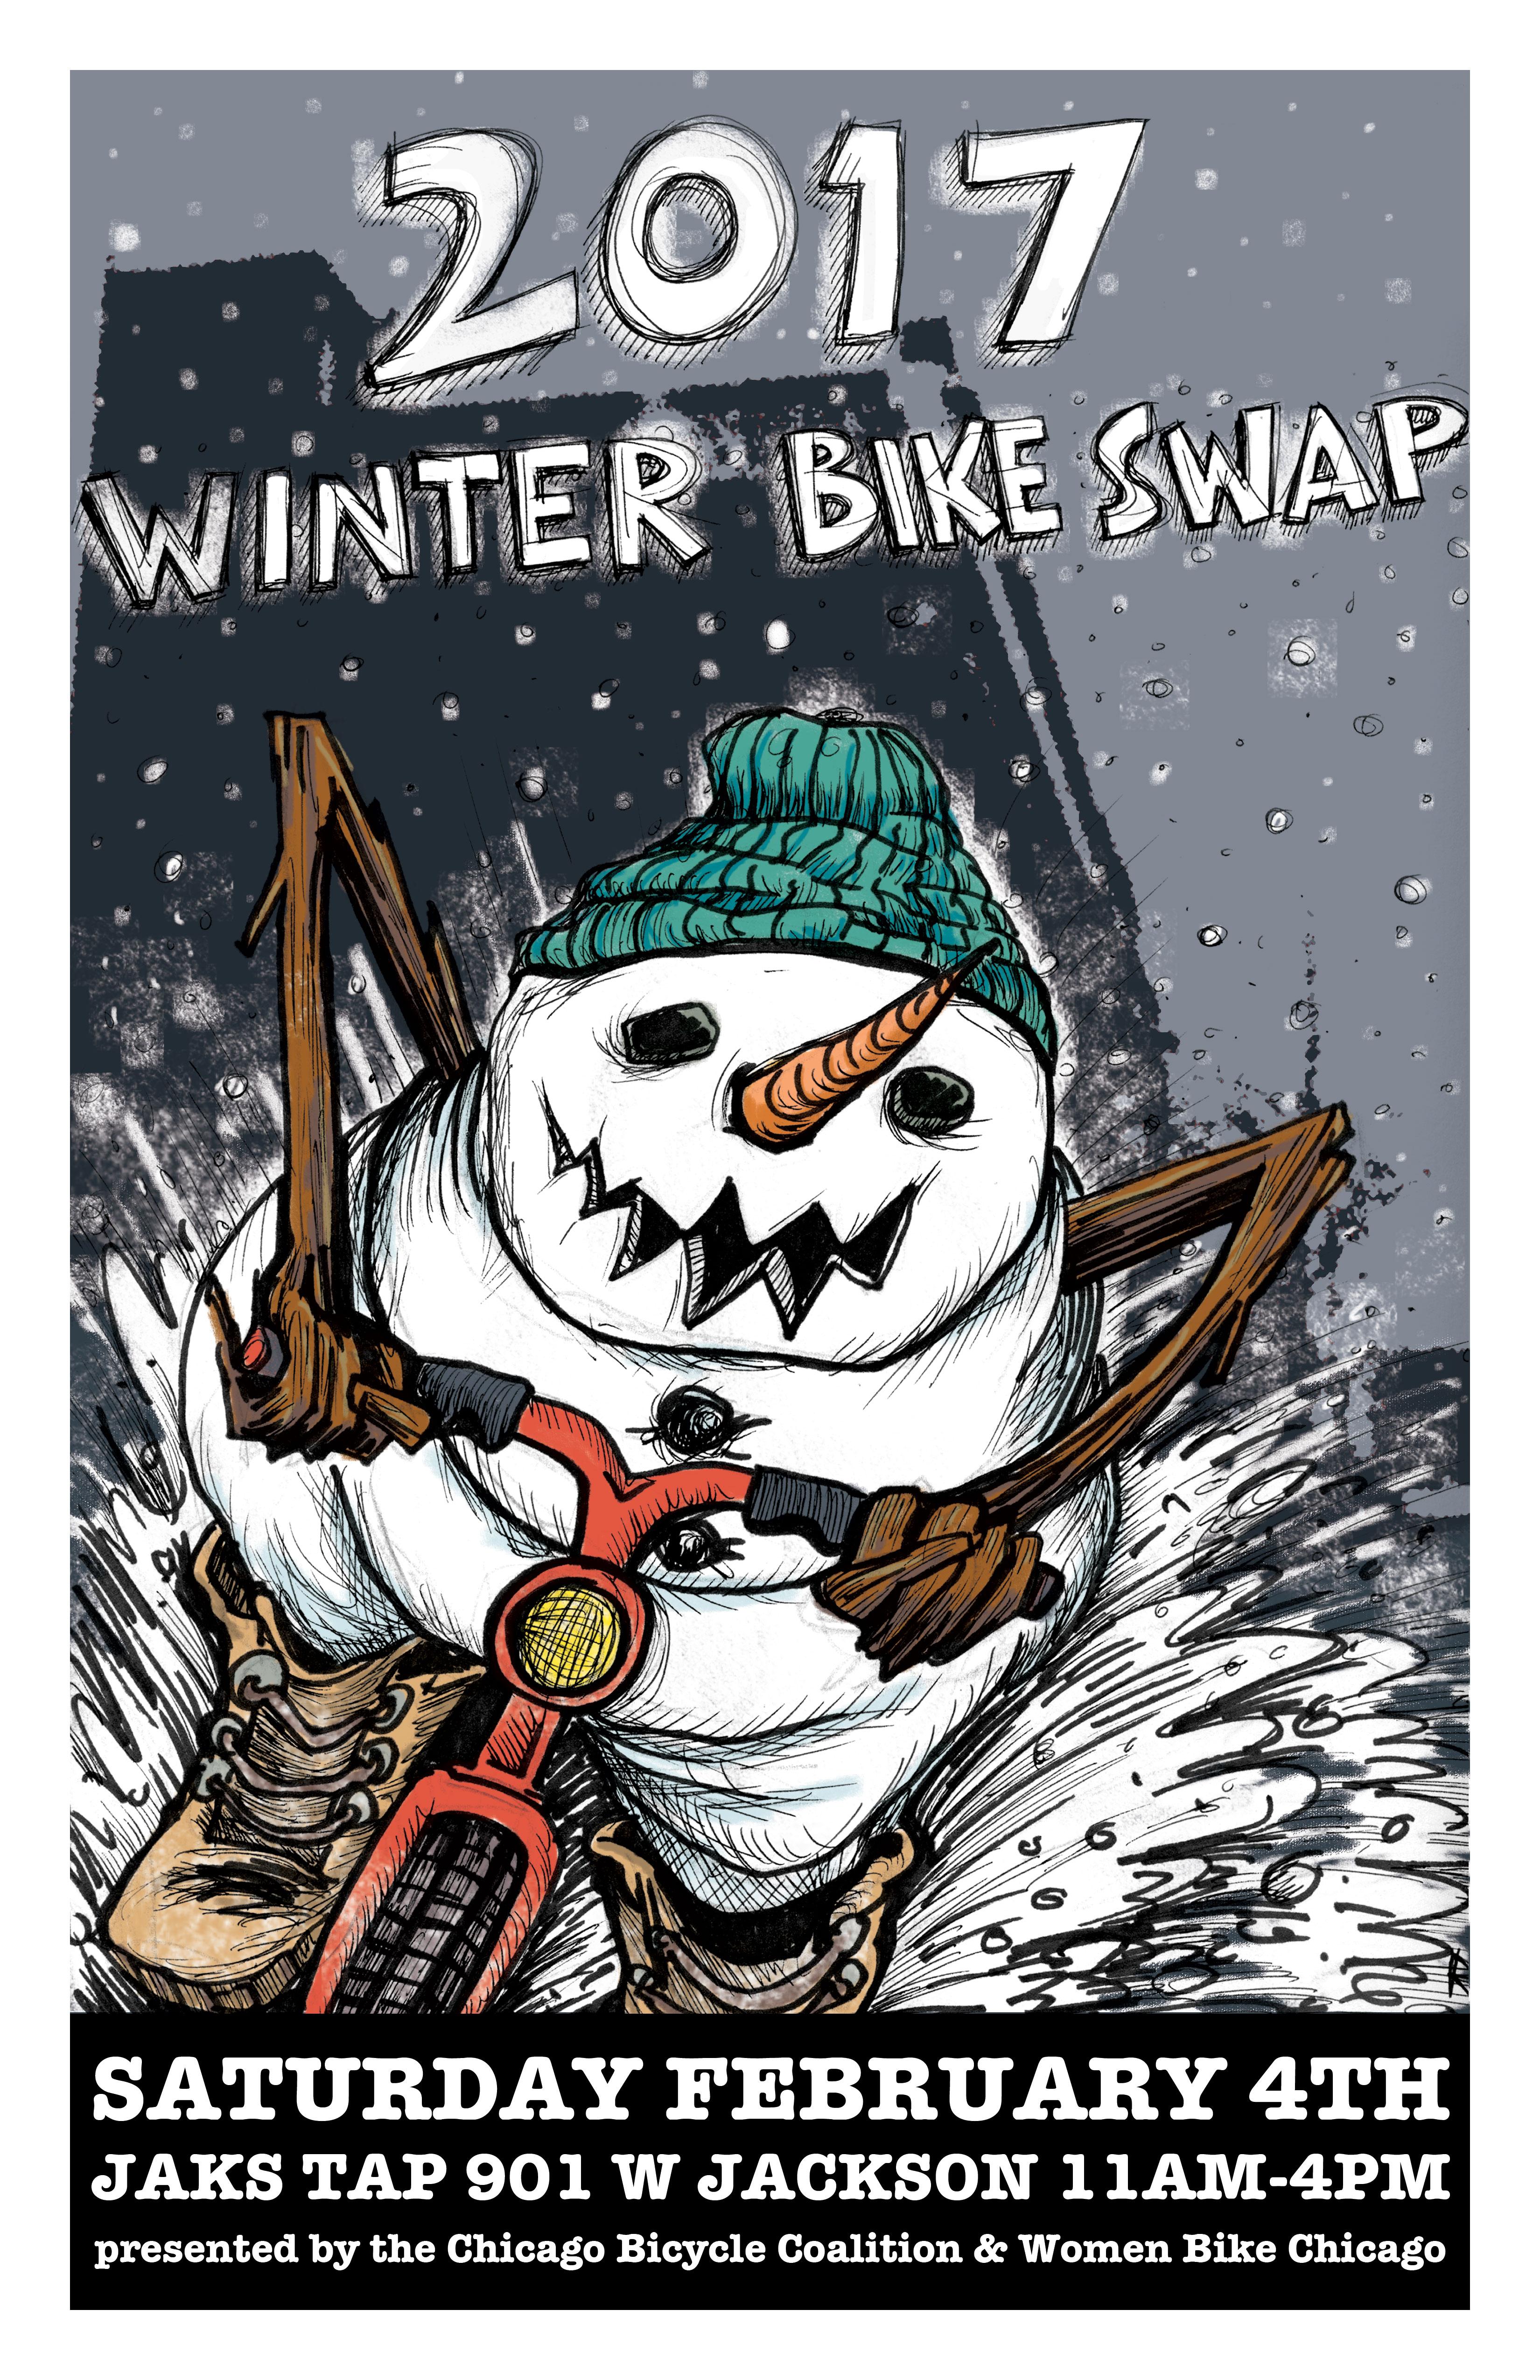 2017 Winter Bike Swap2017 Winter Bike Swap